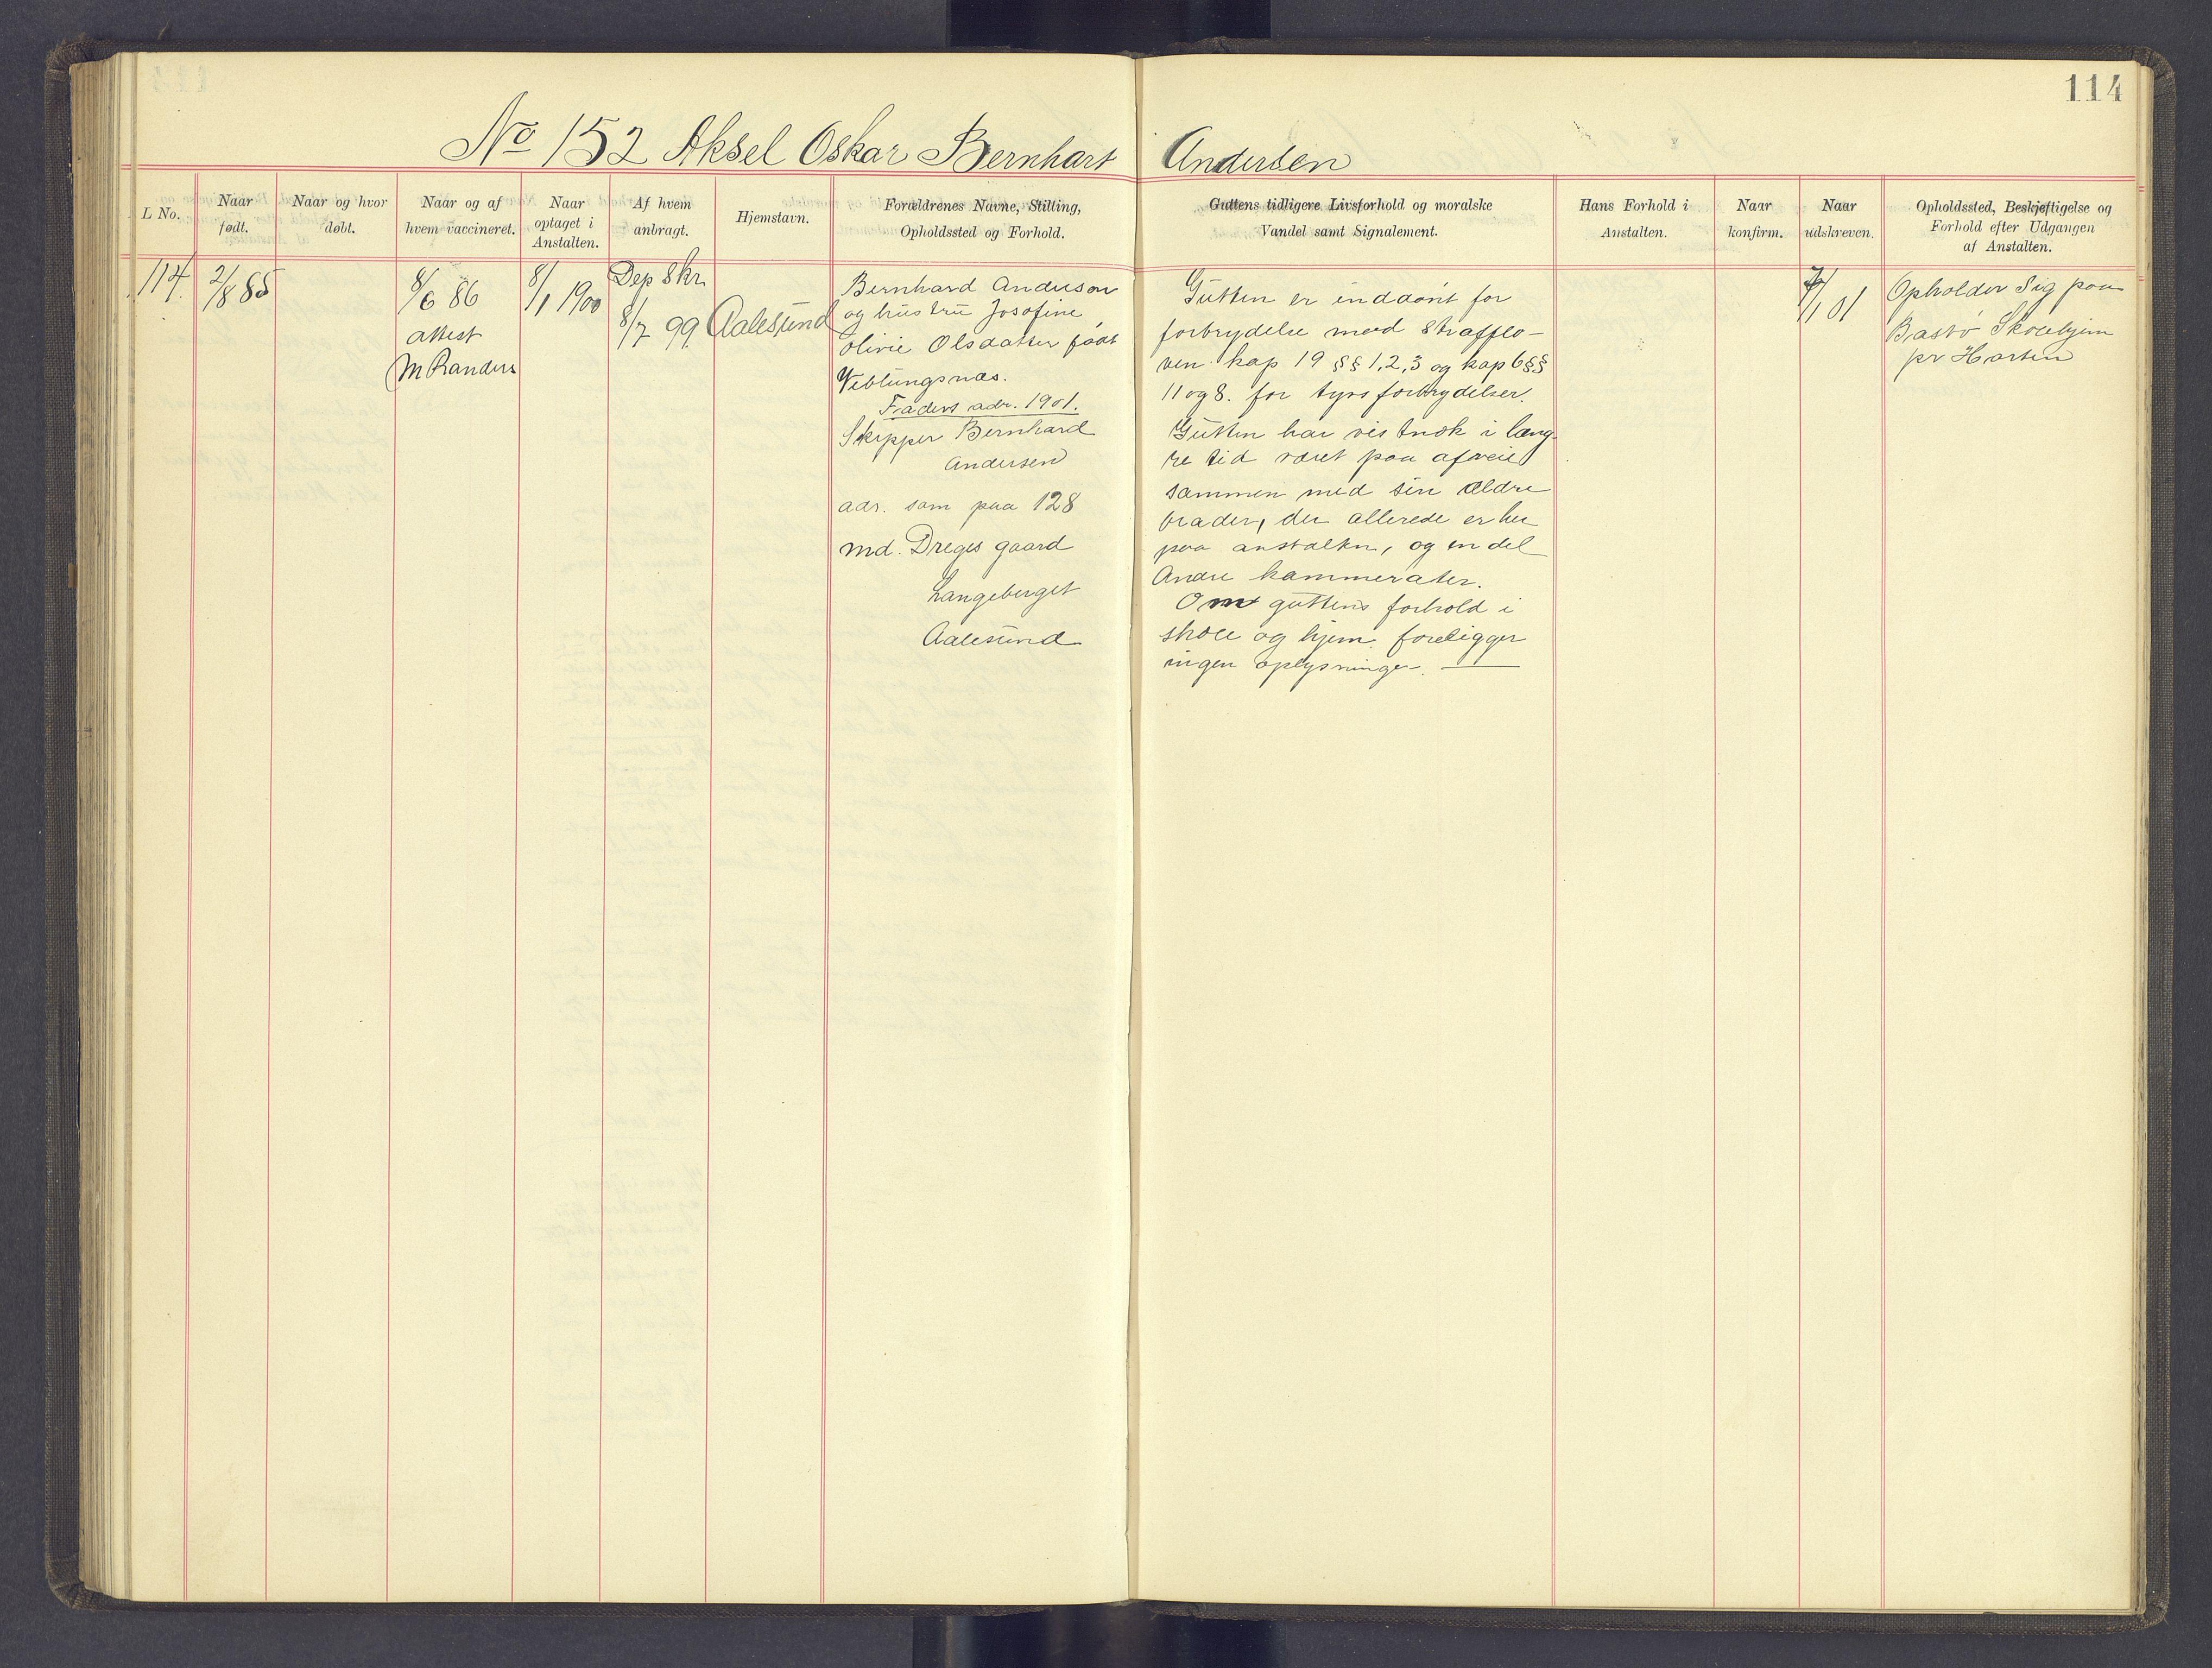 SAH, Toftes Gave, F/Fc/L0005: Elevprotokoll, 1897-1900, s. 114